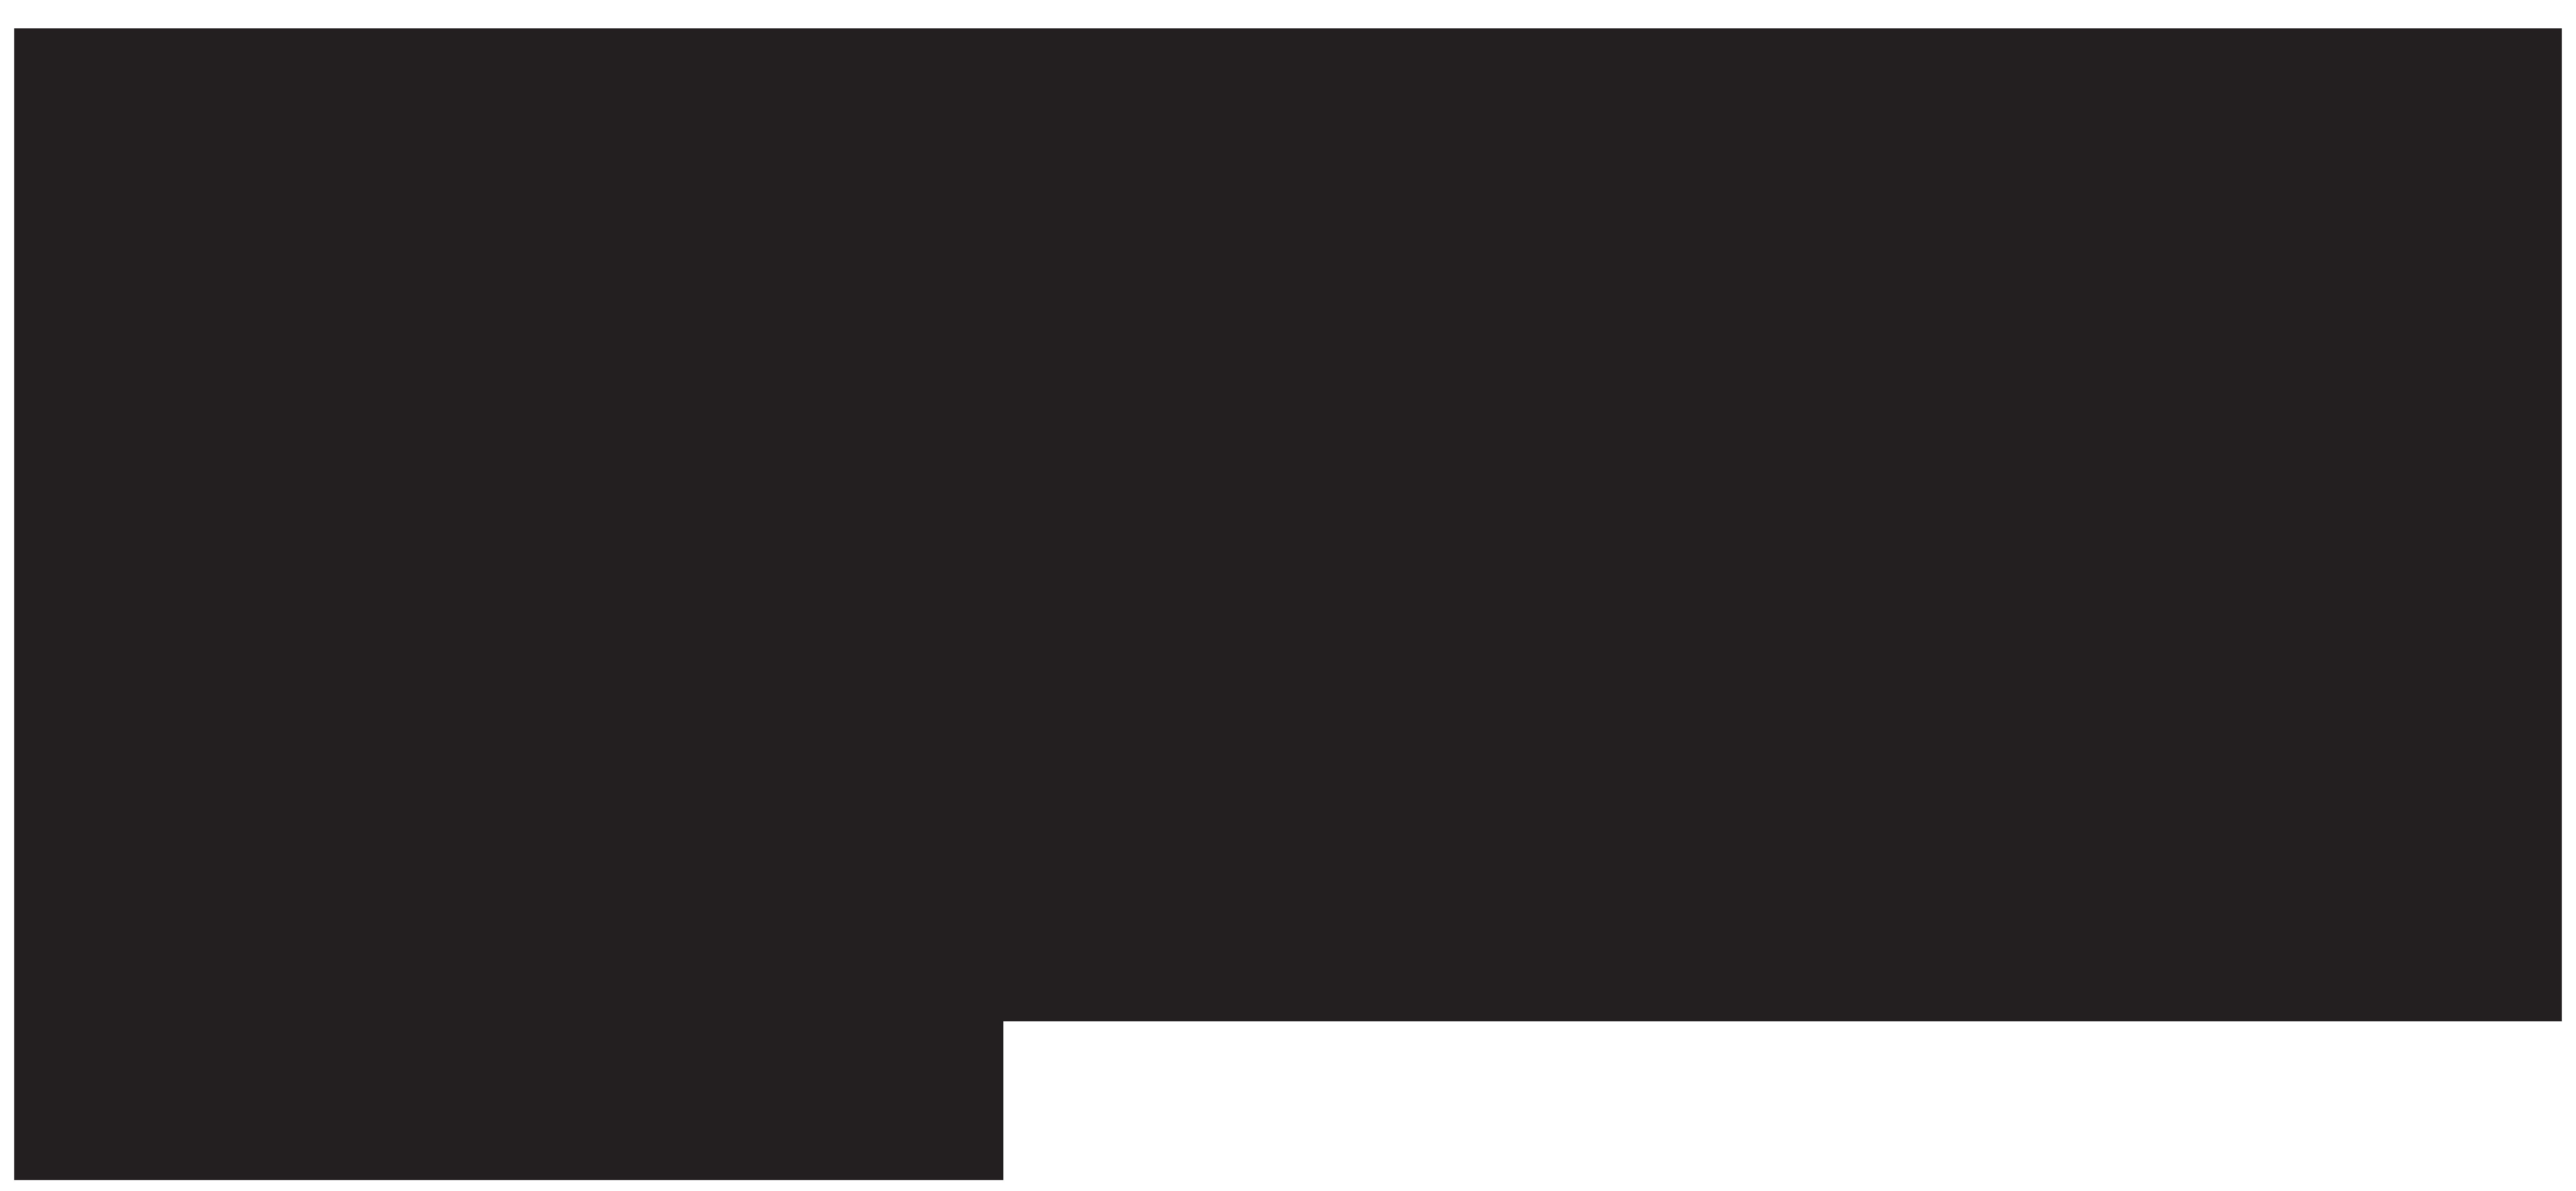 Transparent beard clipart banner transparent Free Beard Clip Art, Download Free Clip Art, Free Clip Art on ... banner transparent